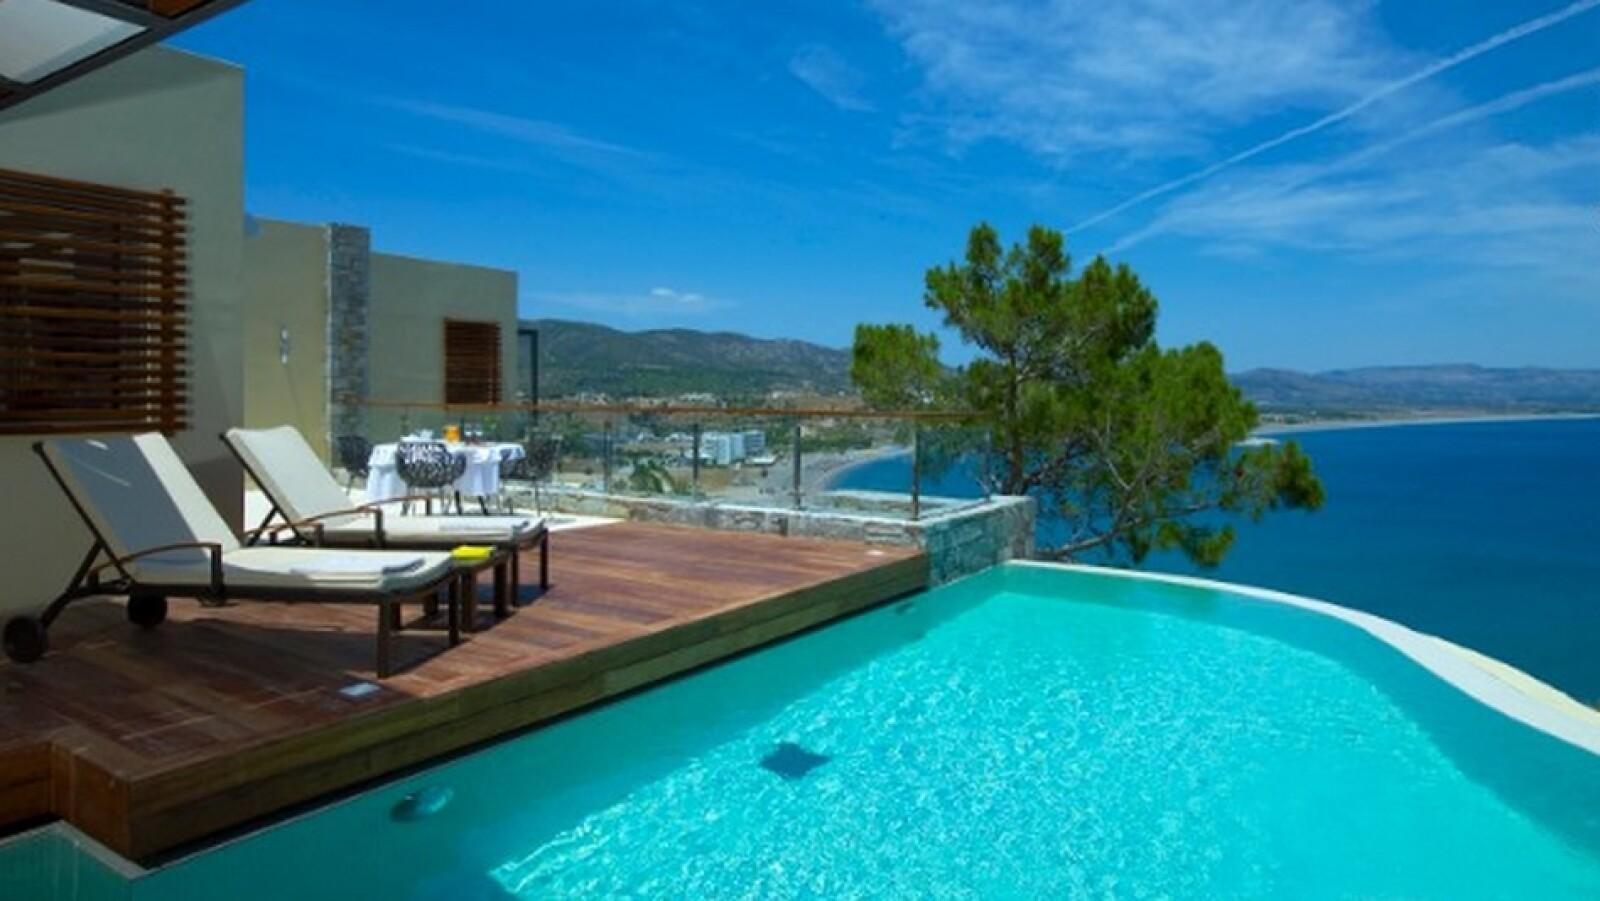 hotel lindos blu en grecia